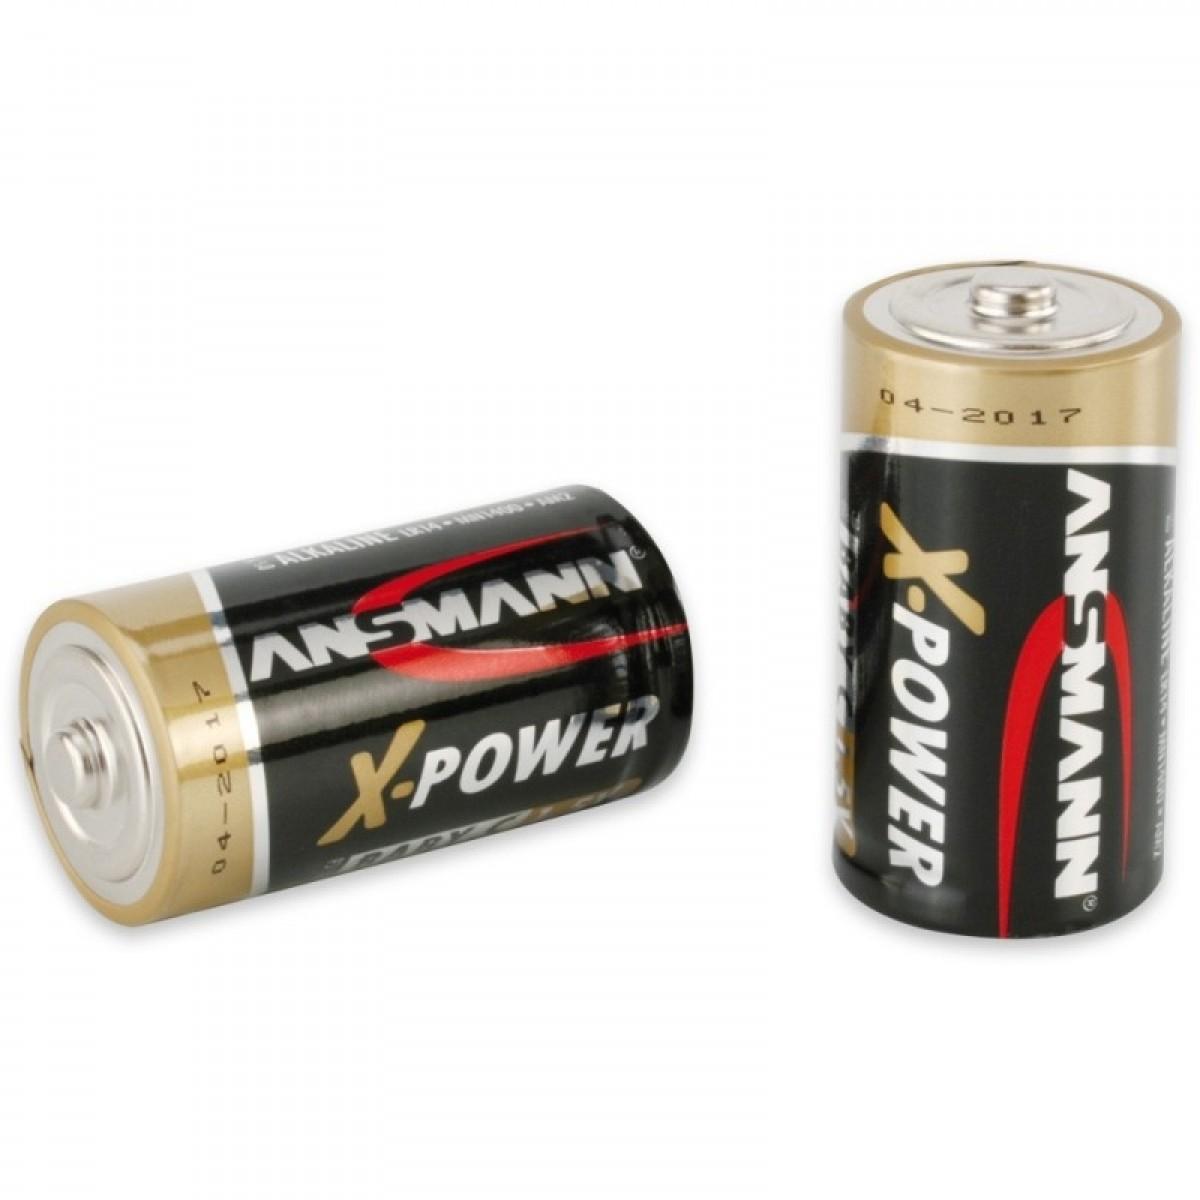 Batterie Baby C : alkaline batterie c 1 5v elektronik f r jedermann ~ Watch28wear.com Haus und Dekorationen